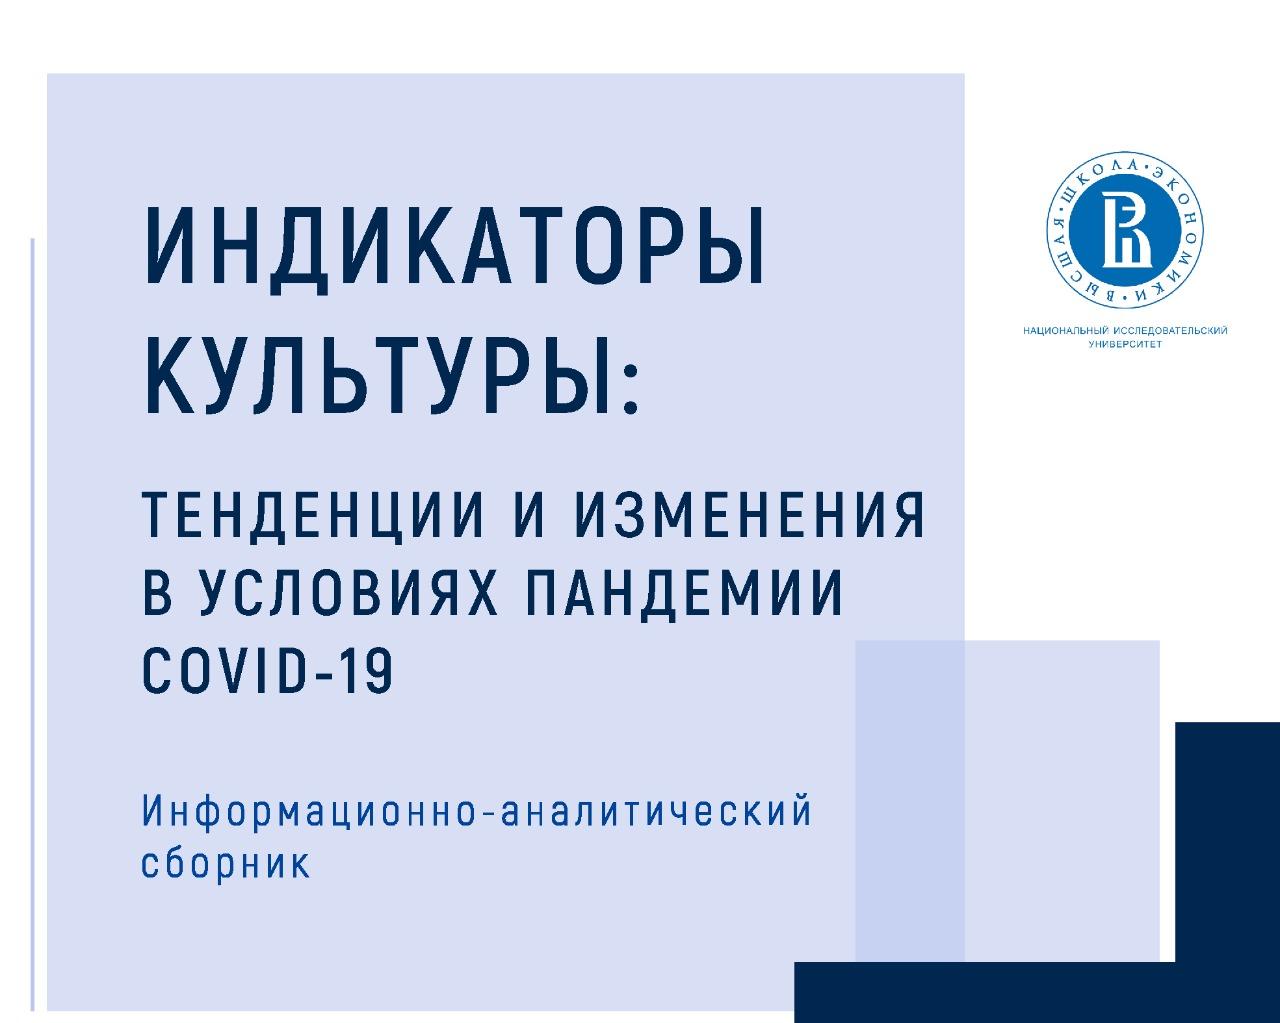 Индикаторы культуры: тенденции и изменения в условиях пандемии COVID-19. Информационно-аналитический сборник